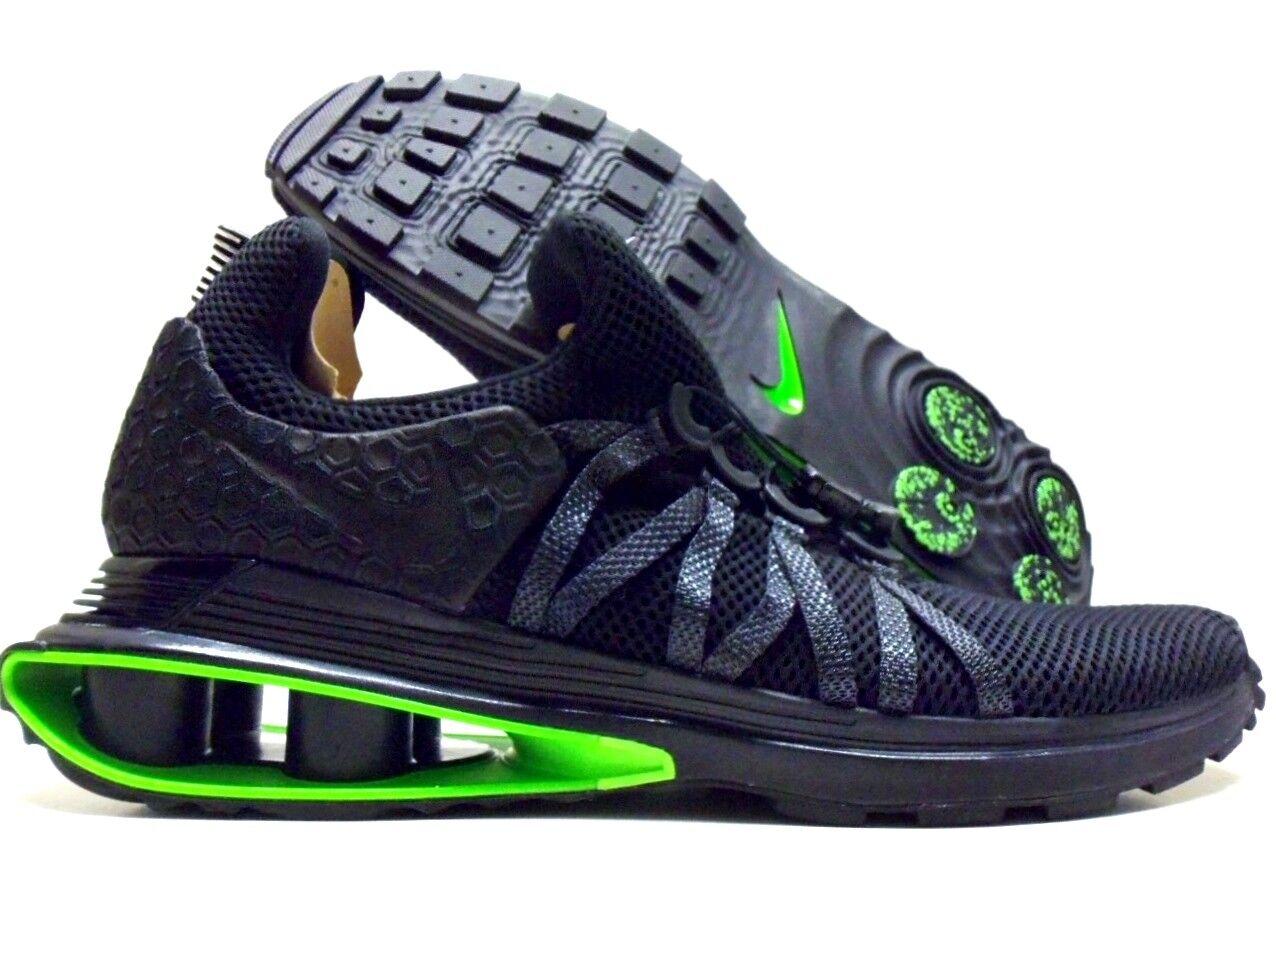 Nike sciopero shox gravit luxe nero / nero-green sciopero Nike dimensioni uomini 12 [ar1470-003] 064401